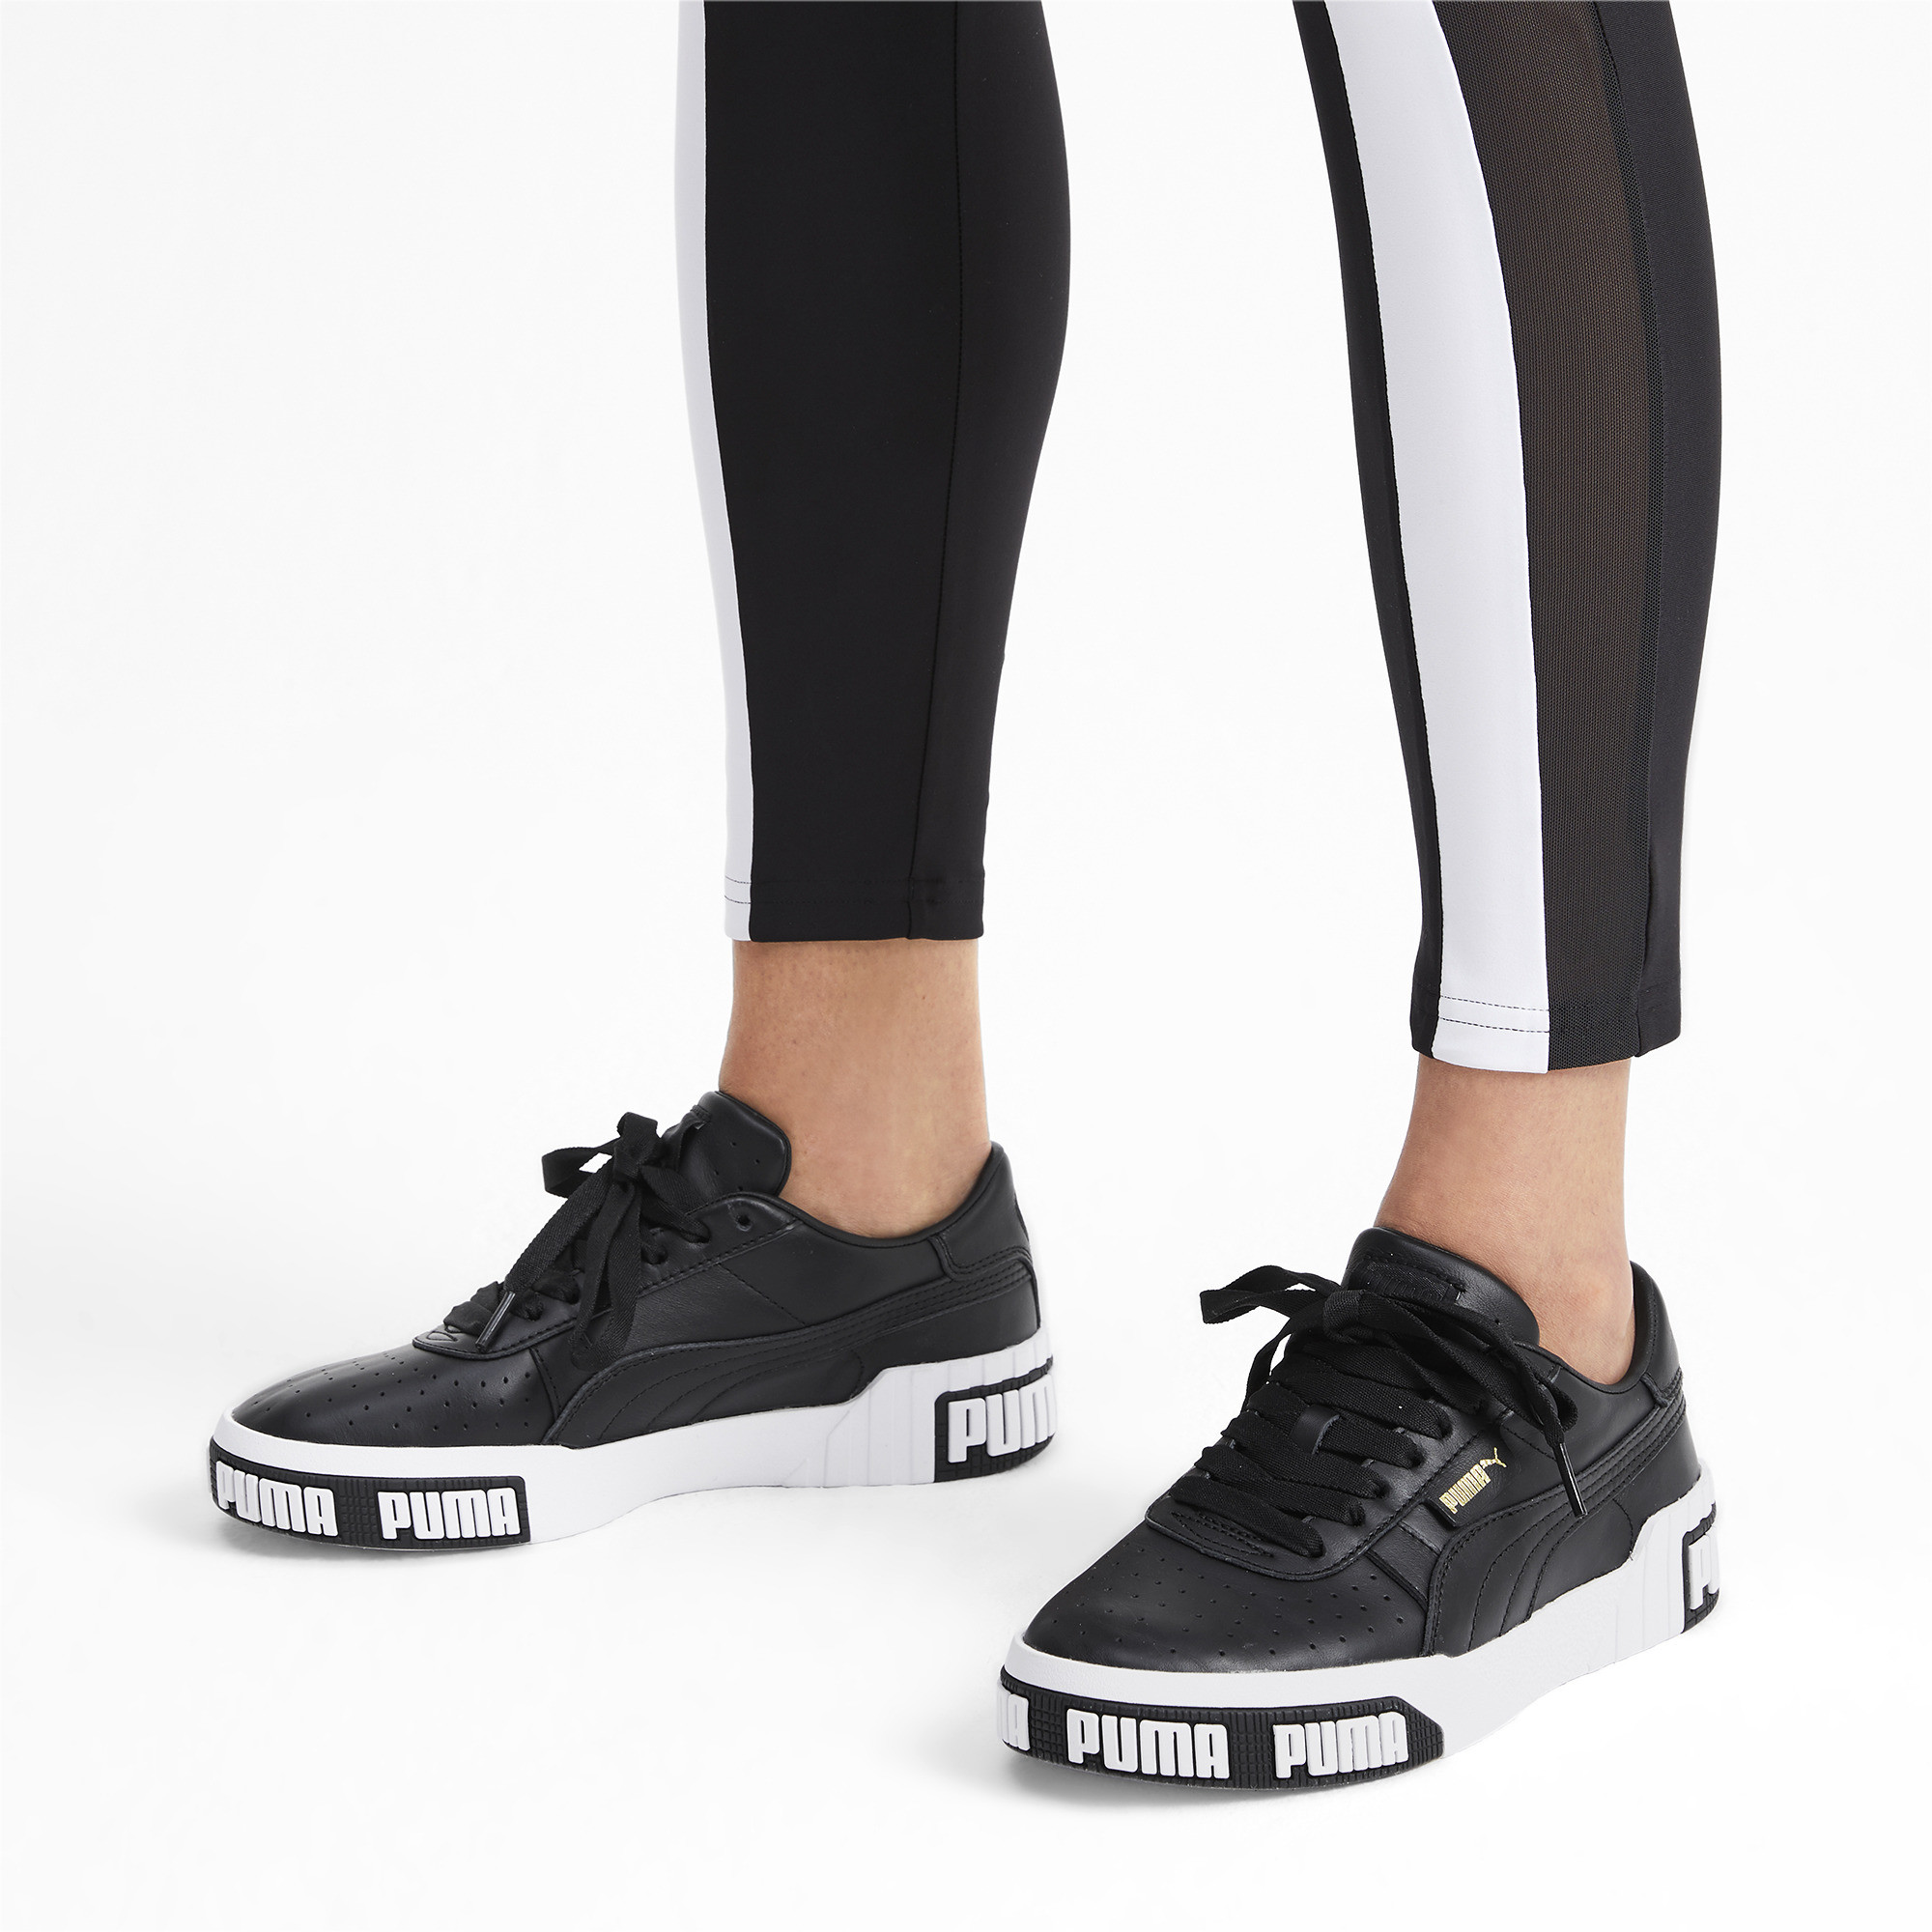 Details zu PUMA Cali Bold Damen Sneaker Frauen Schuhe Neu